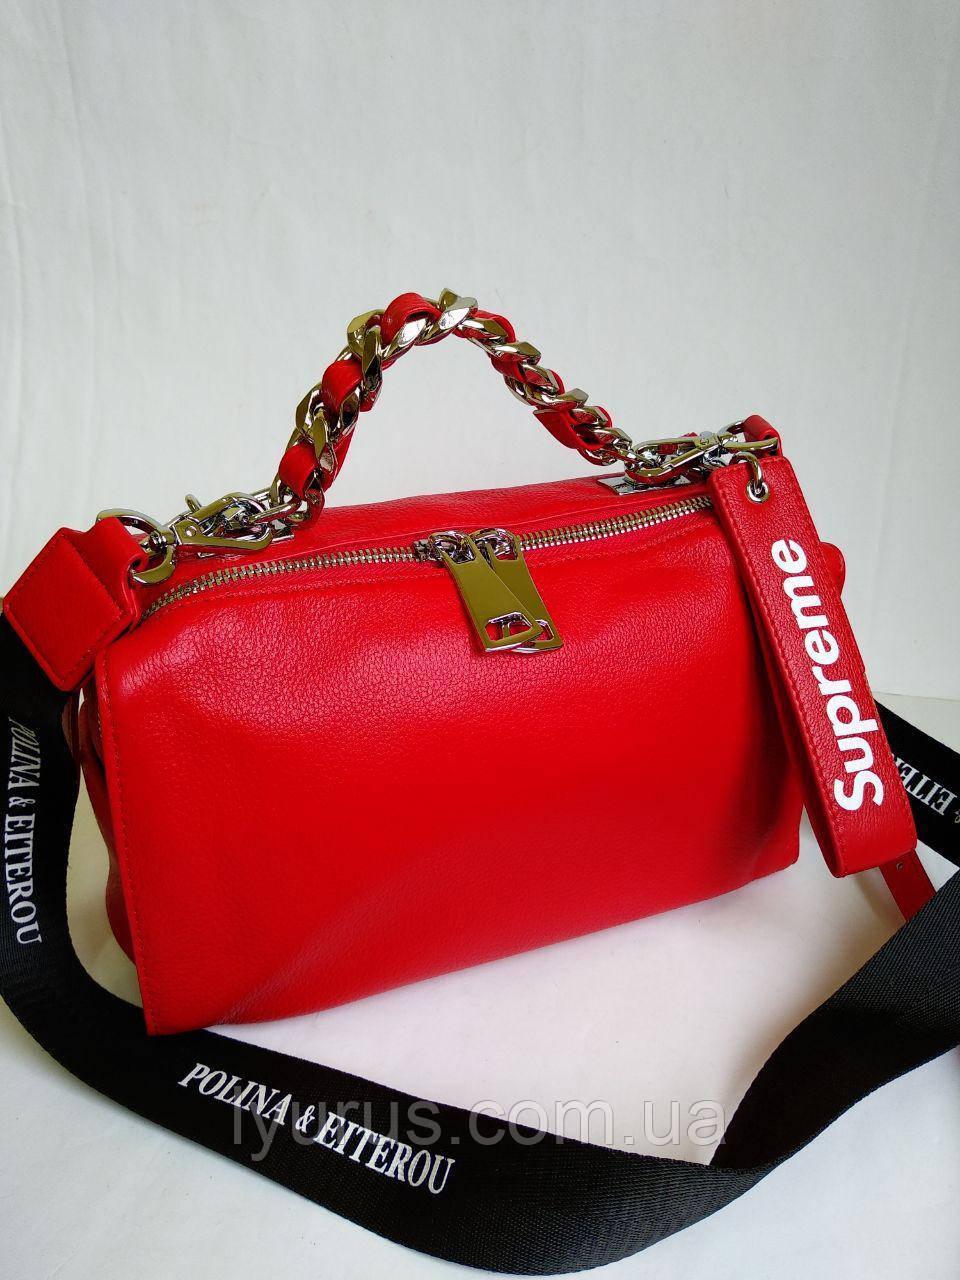 Женская кожаная сумка Polina & Eiterou красная